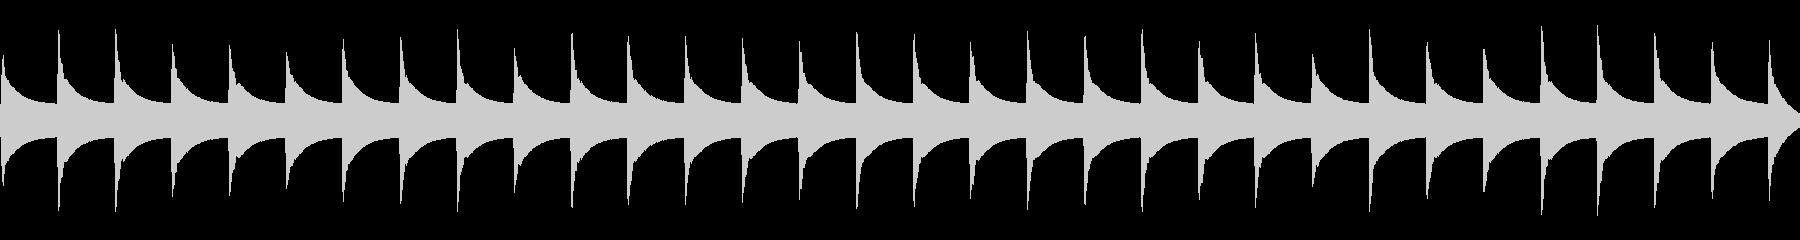 トゥルトゥルトゥルの未再生の波形